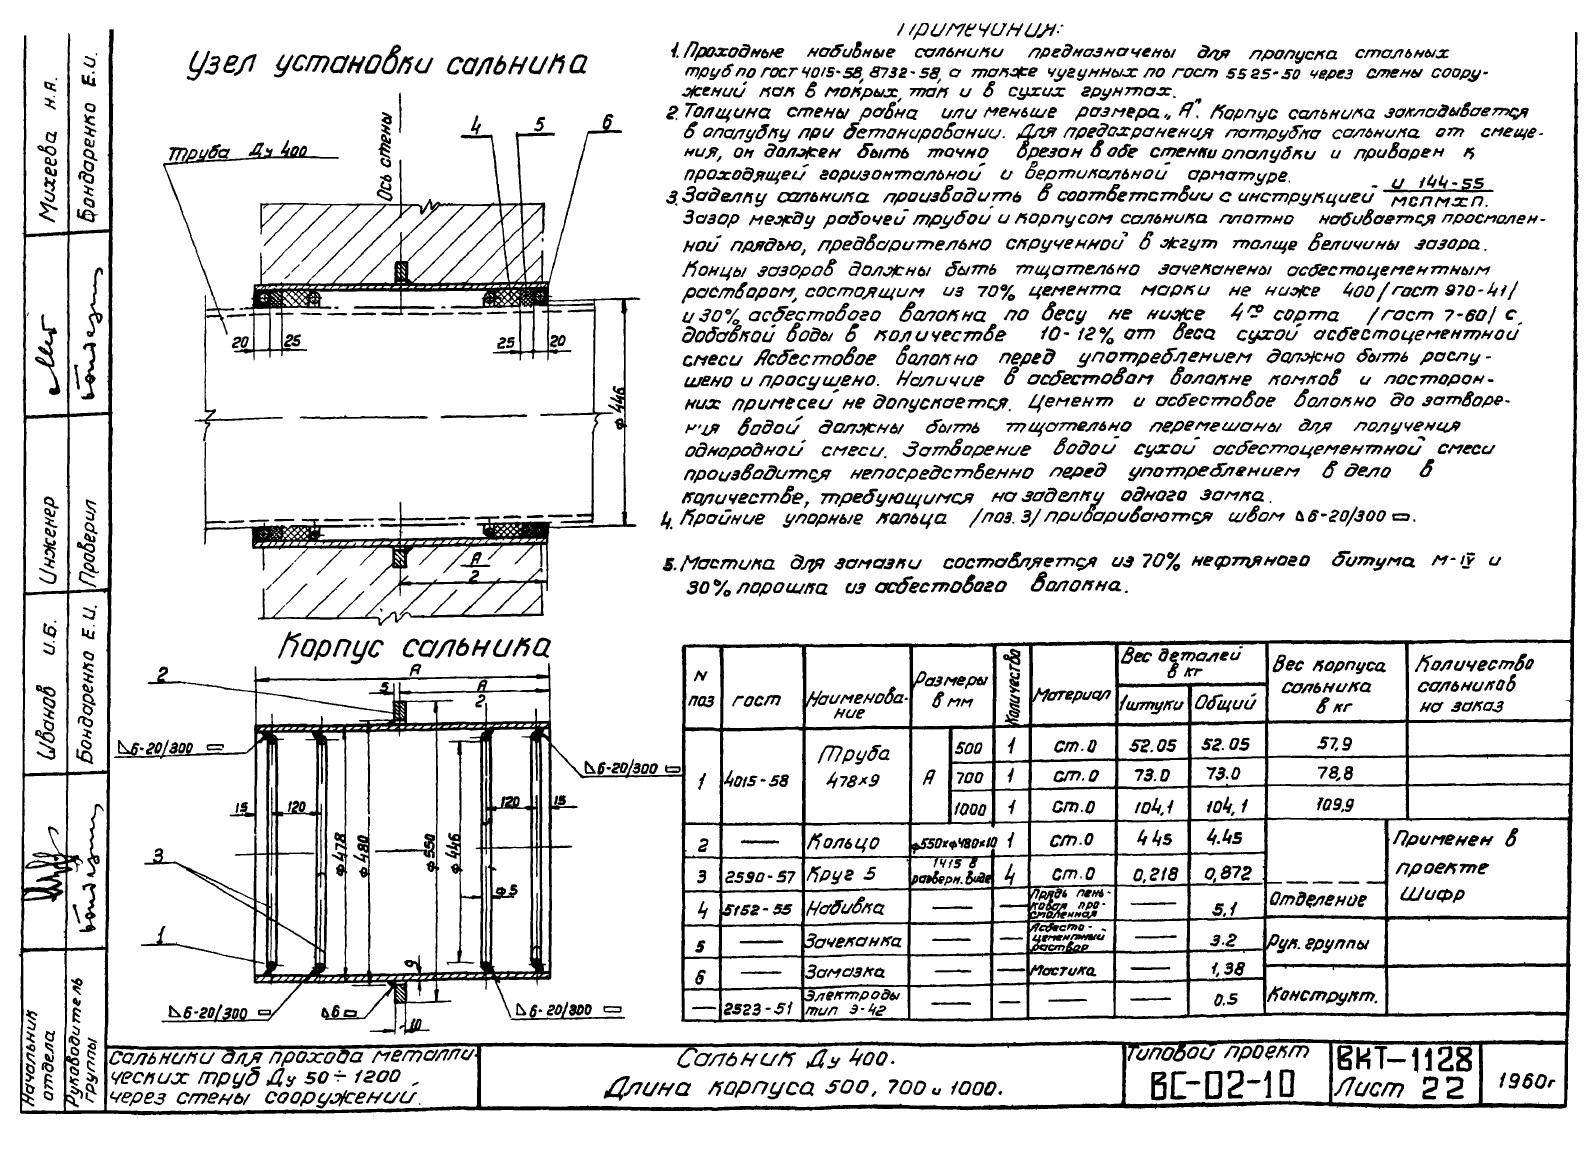 Сальники набивные L = 700 мм типовой проект ВС-02-10 стр.10